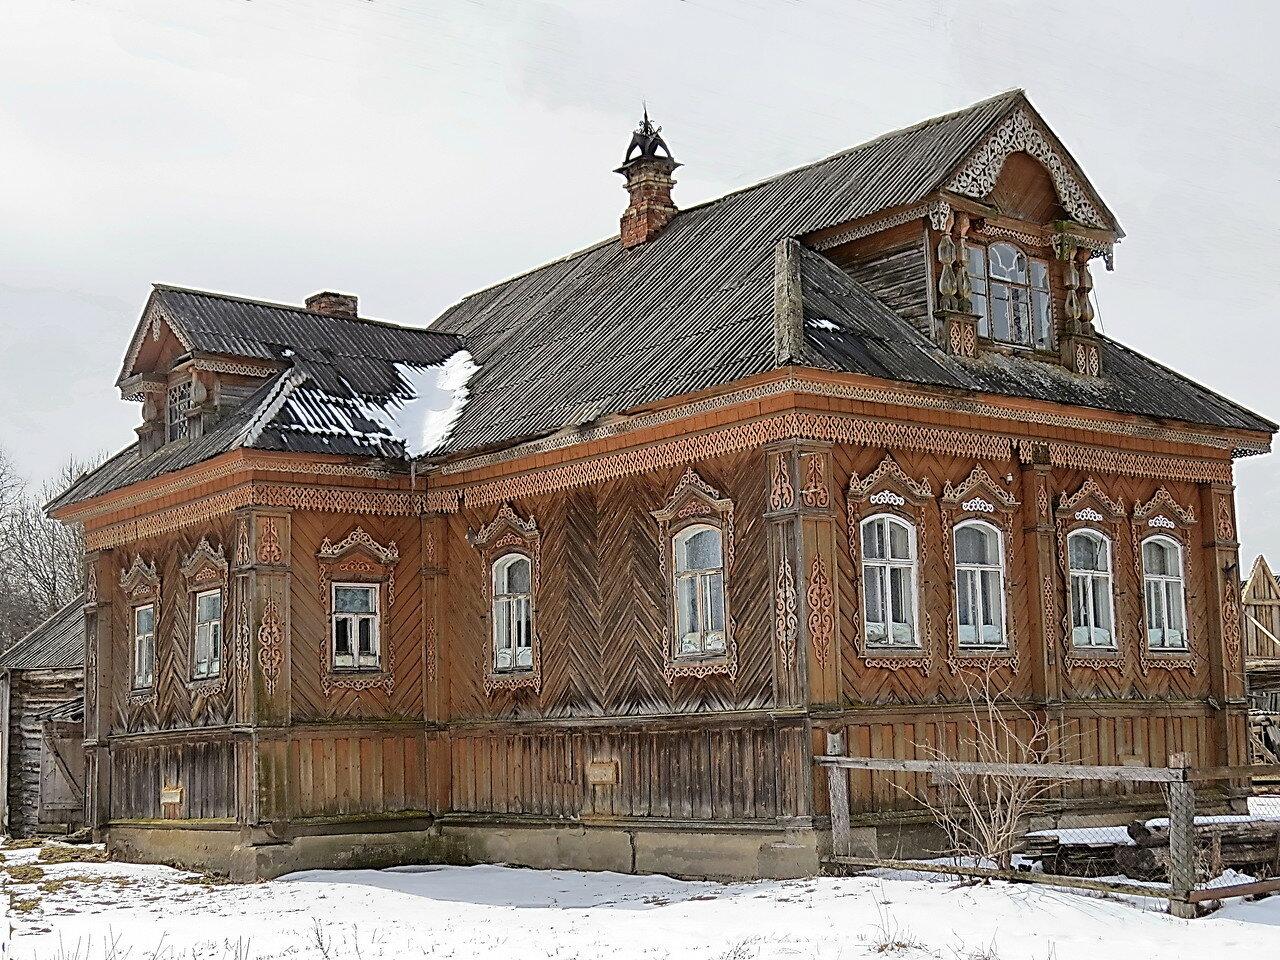 Фотографии домов из кирпича и их проекты запрещено